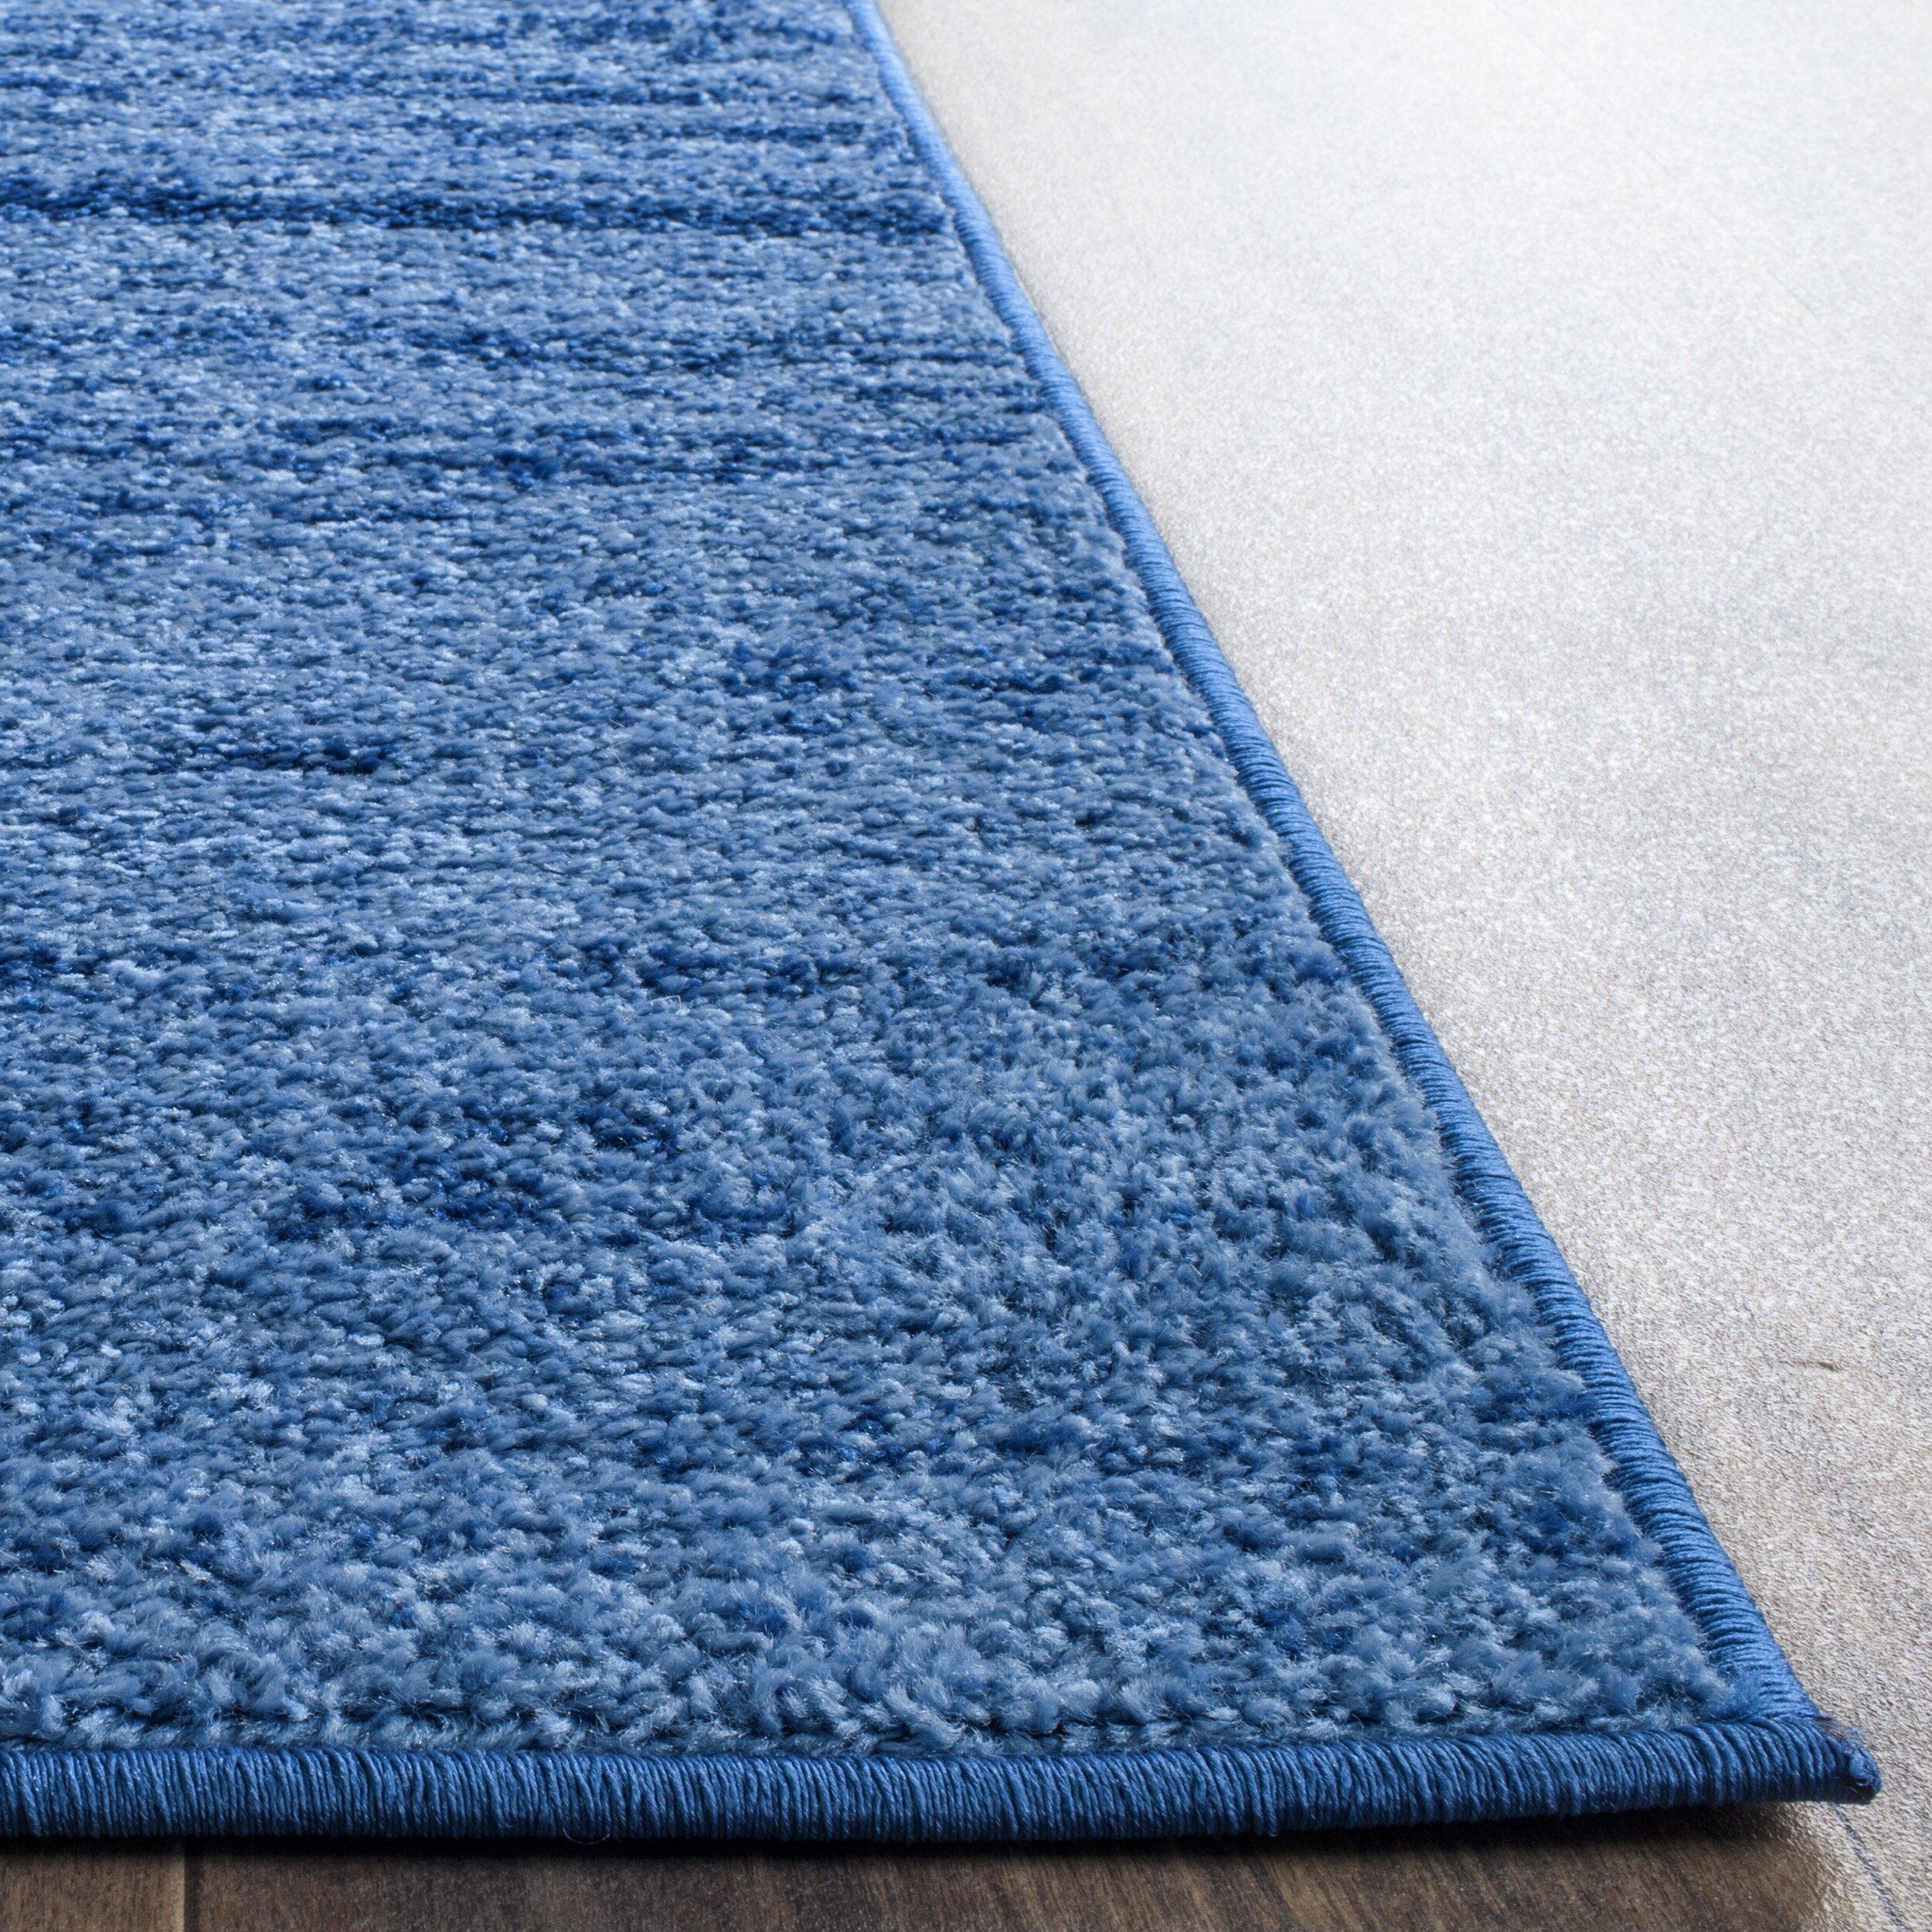 safavieh adirondacks light blue dark blue area rug. Black Bedroom Furniture Sets. Home Design Ideas